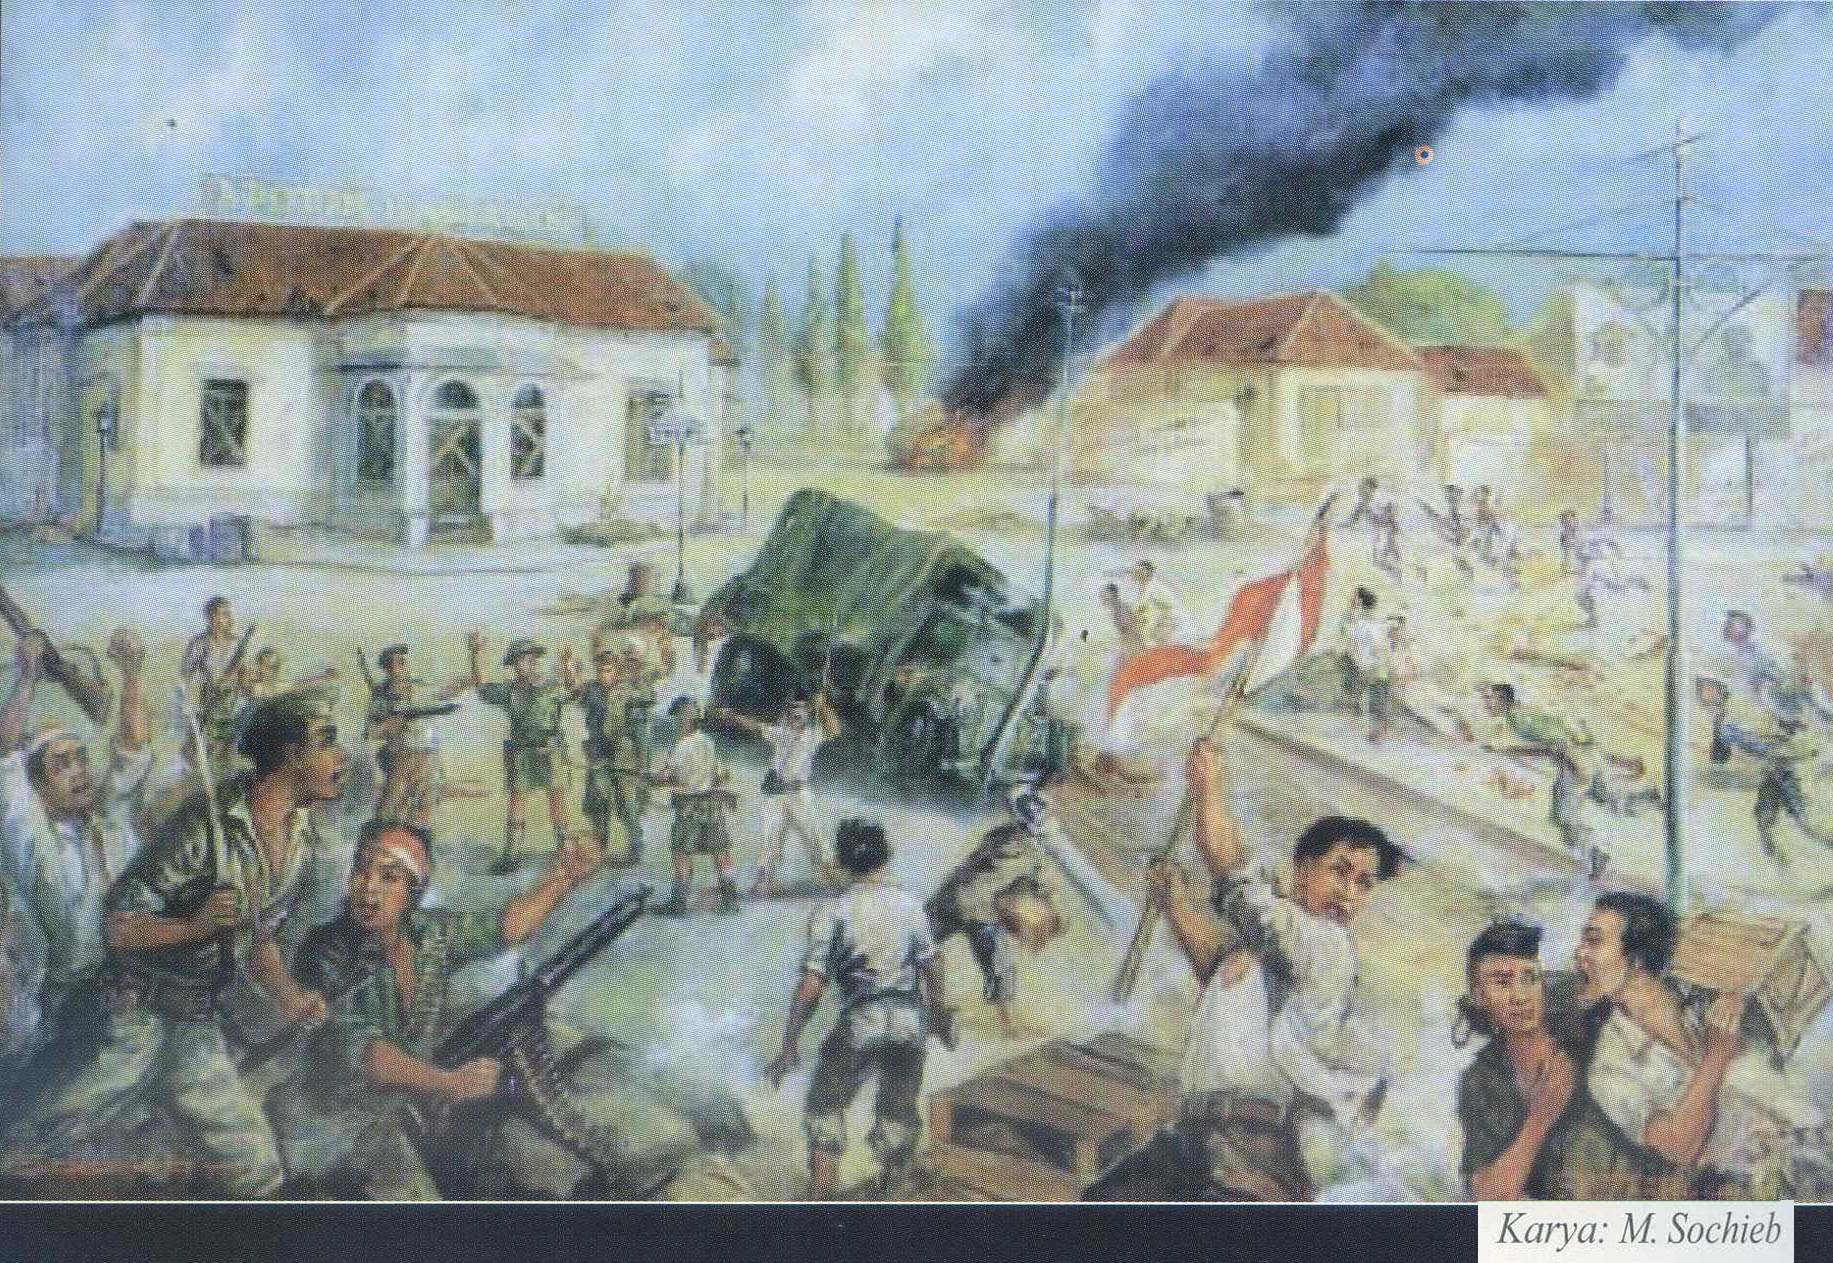 Peristiwa 10 November 1945, dalam Lukisan Karya: Sochieb